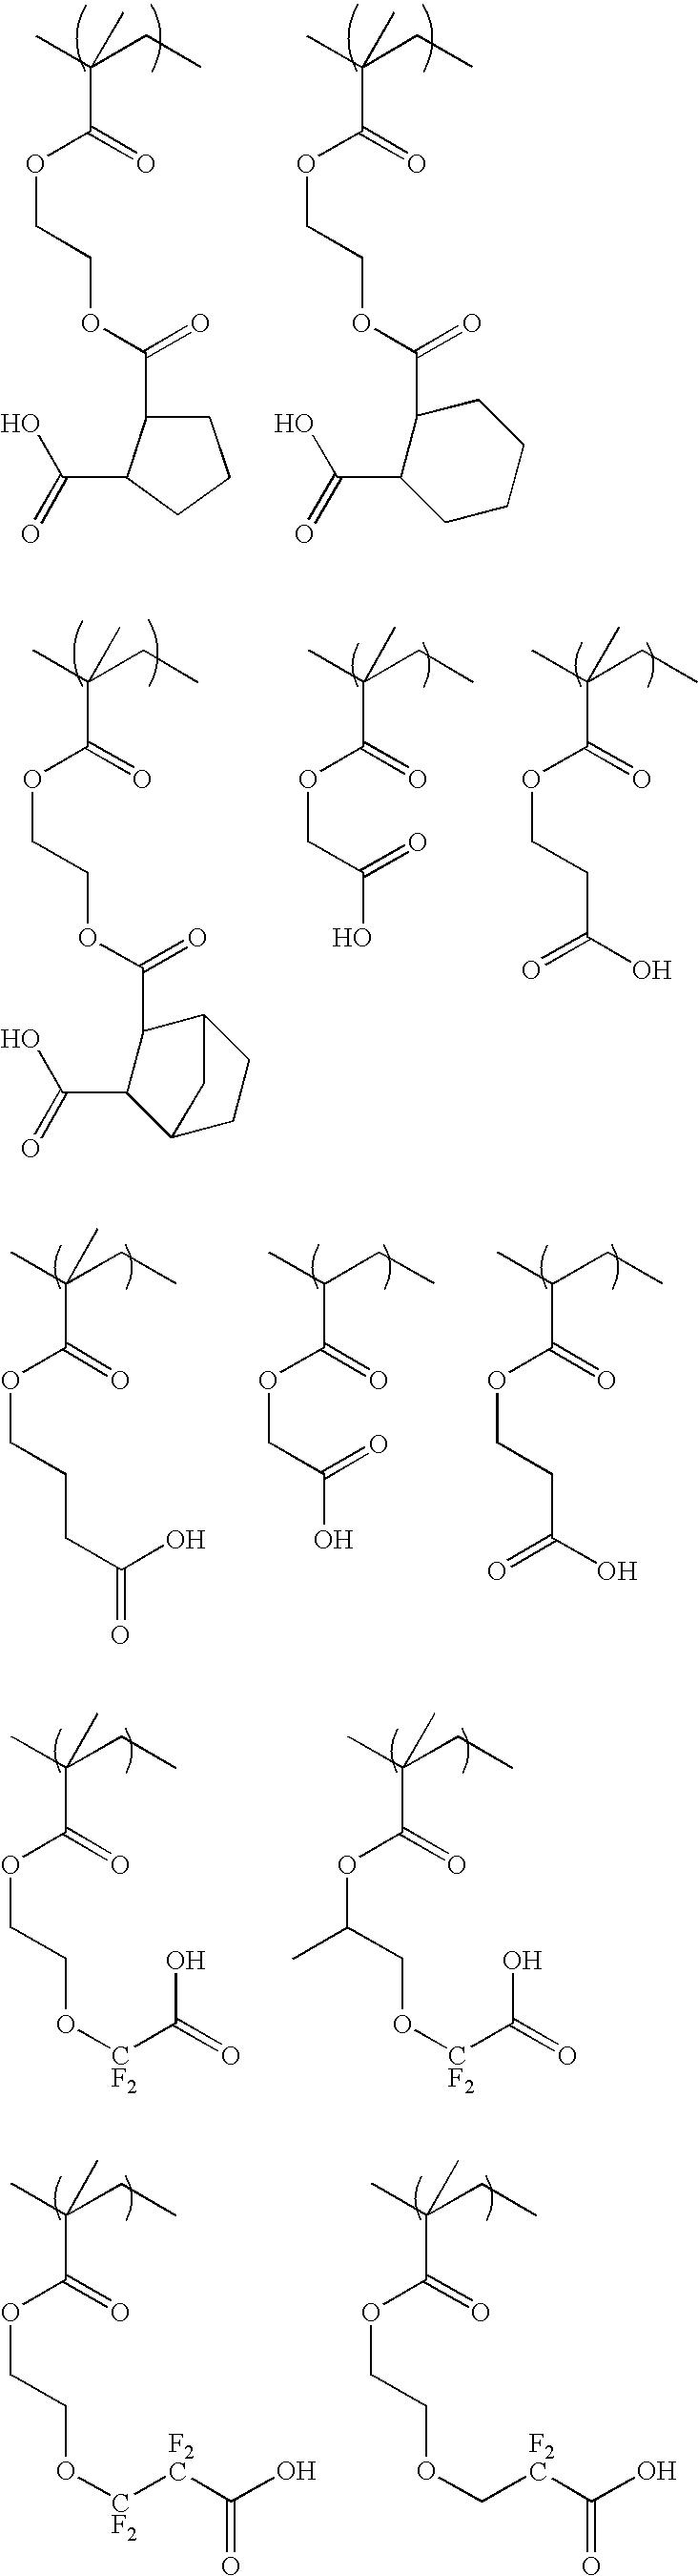 Figure US20090011365A1-20090108-C00037